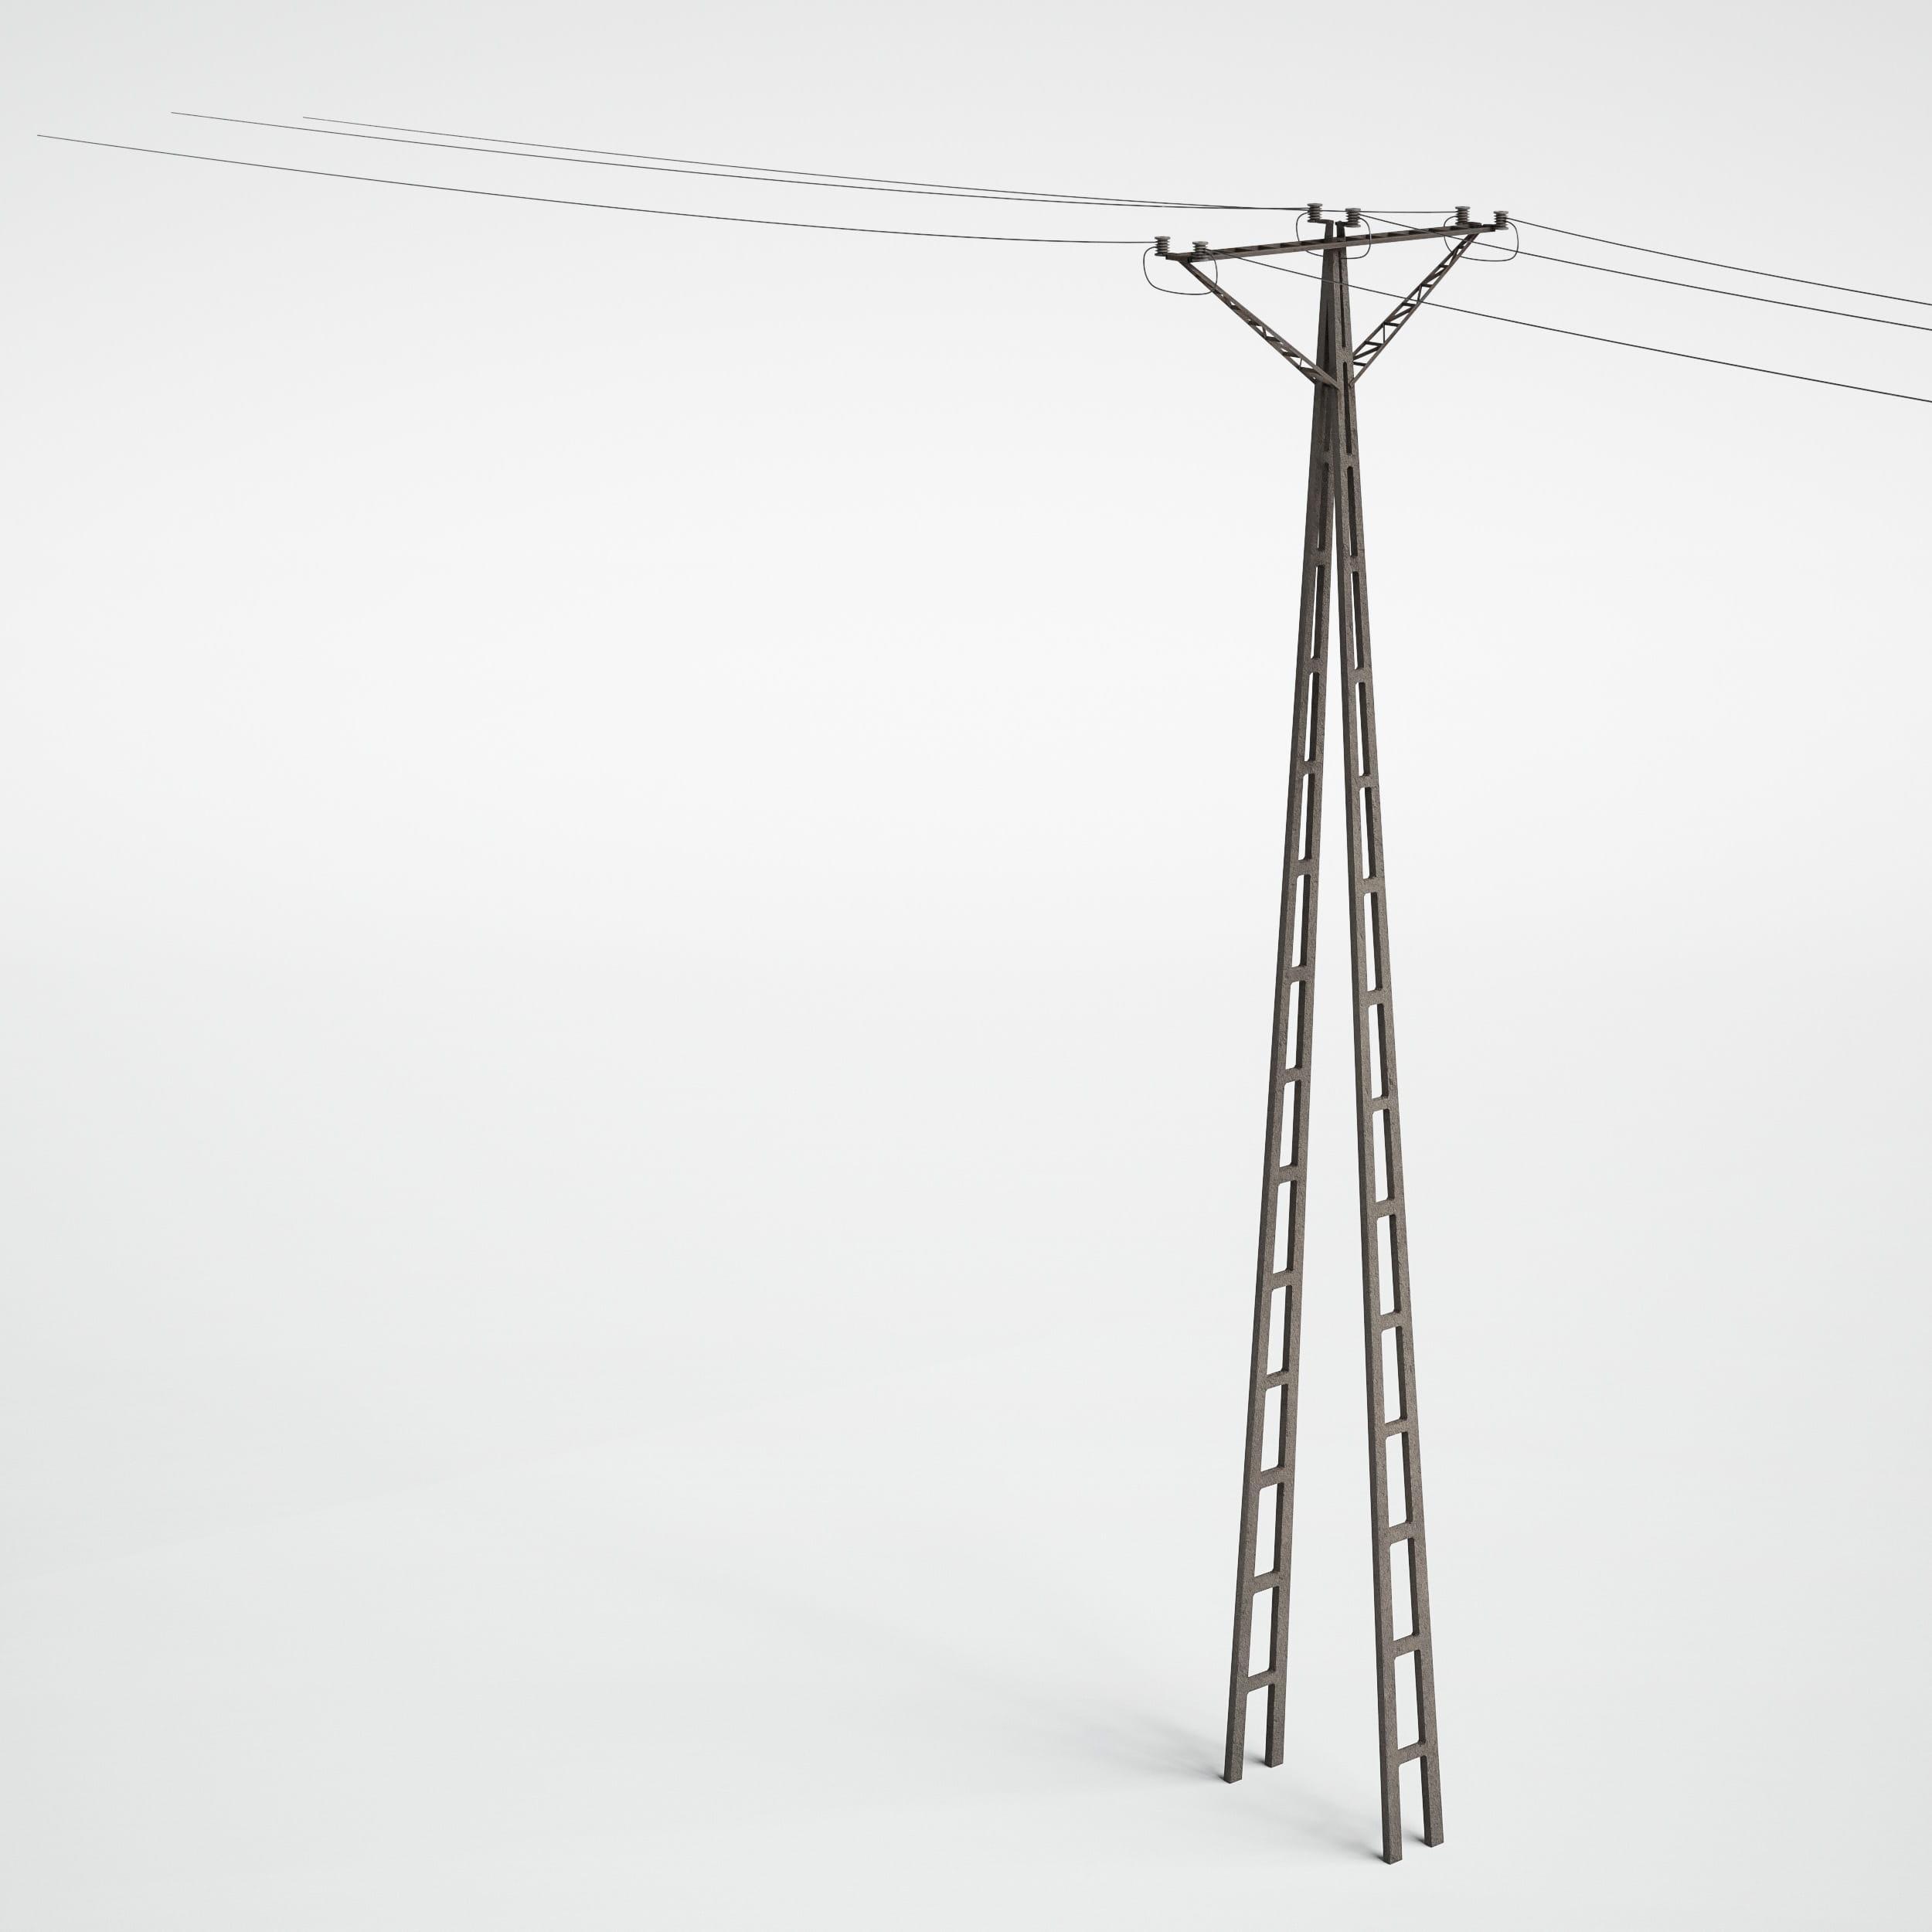 utility pole 27 AM227 Archmodels